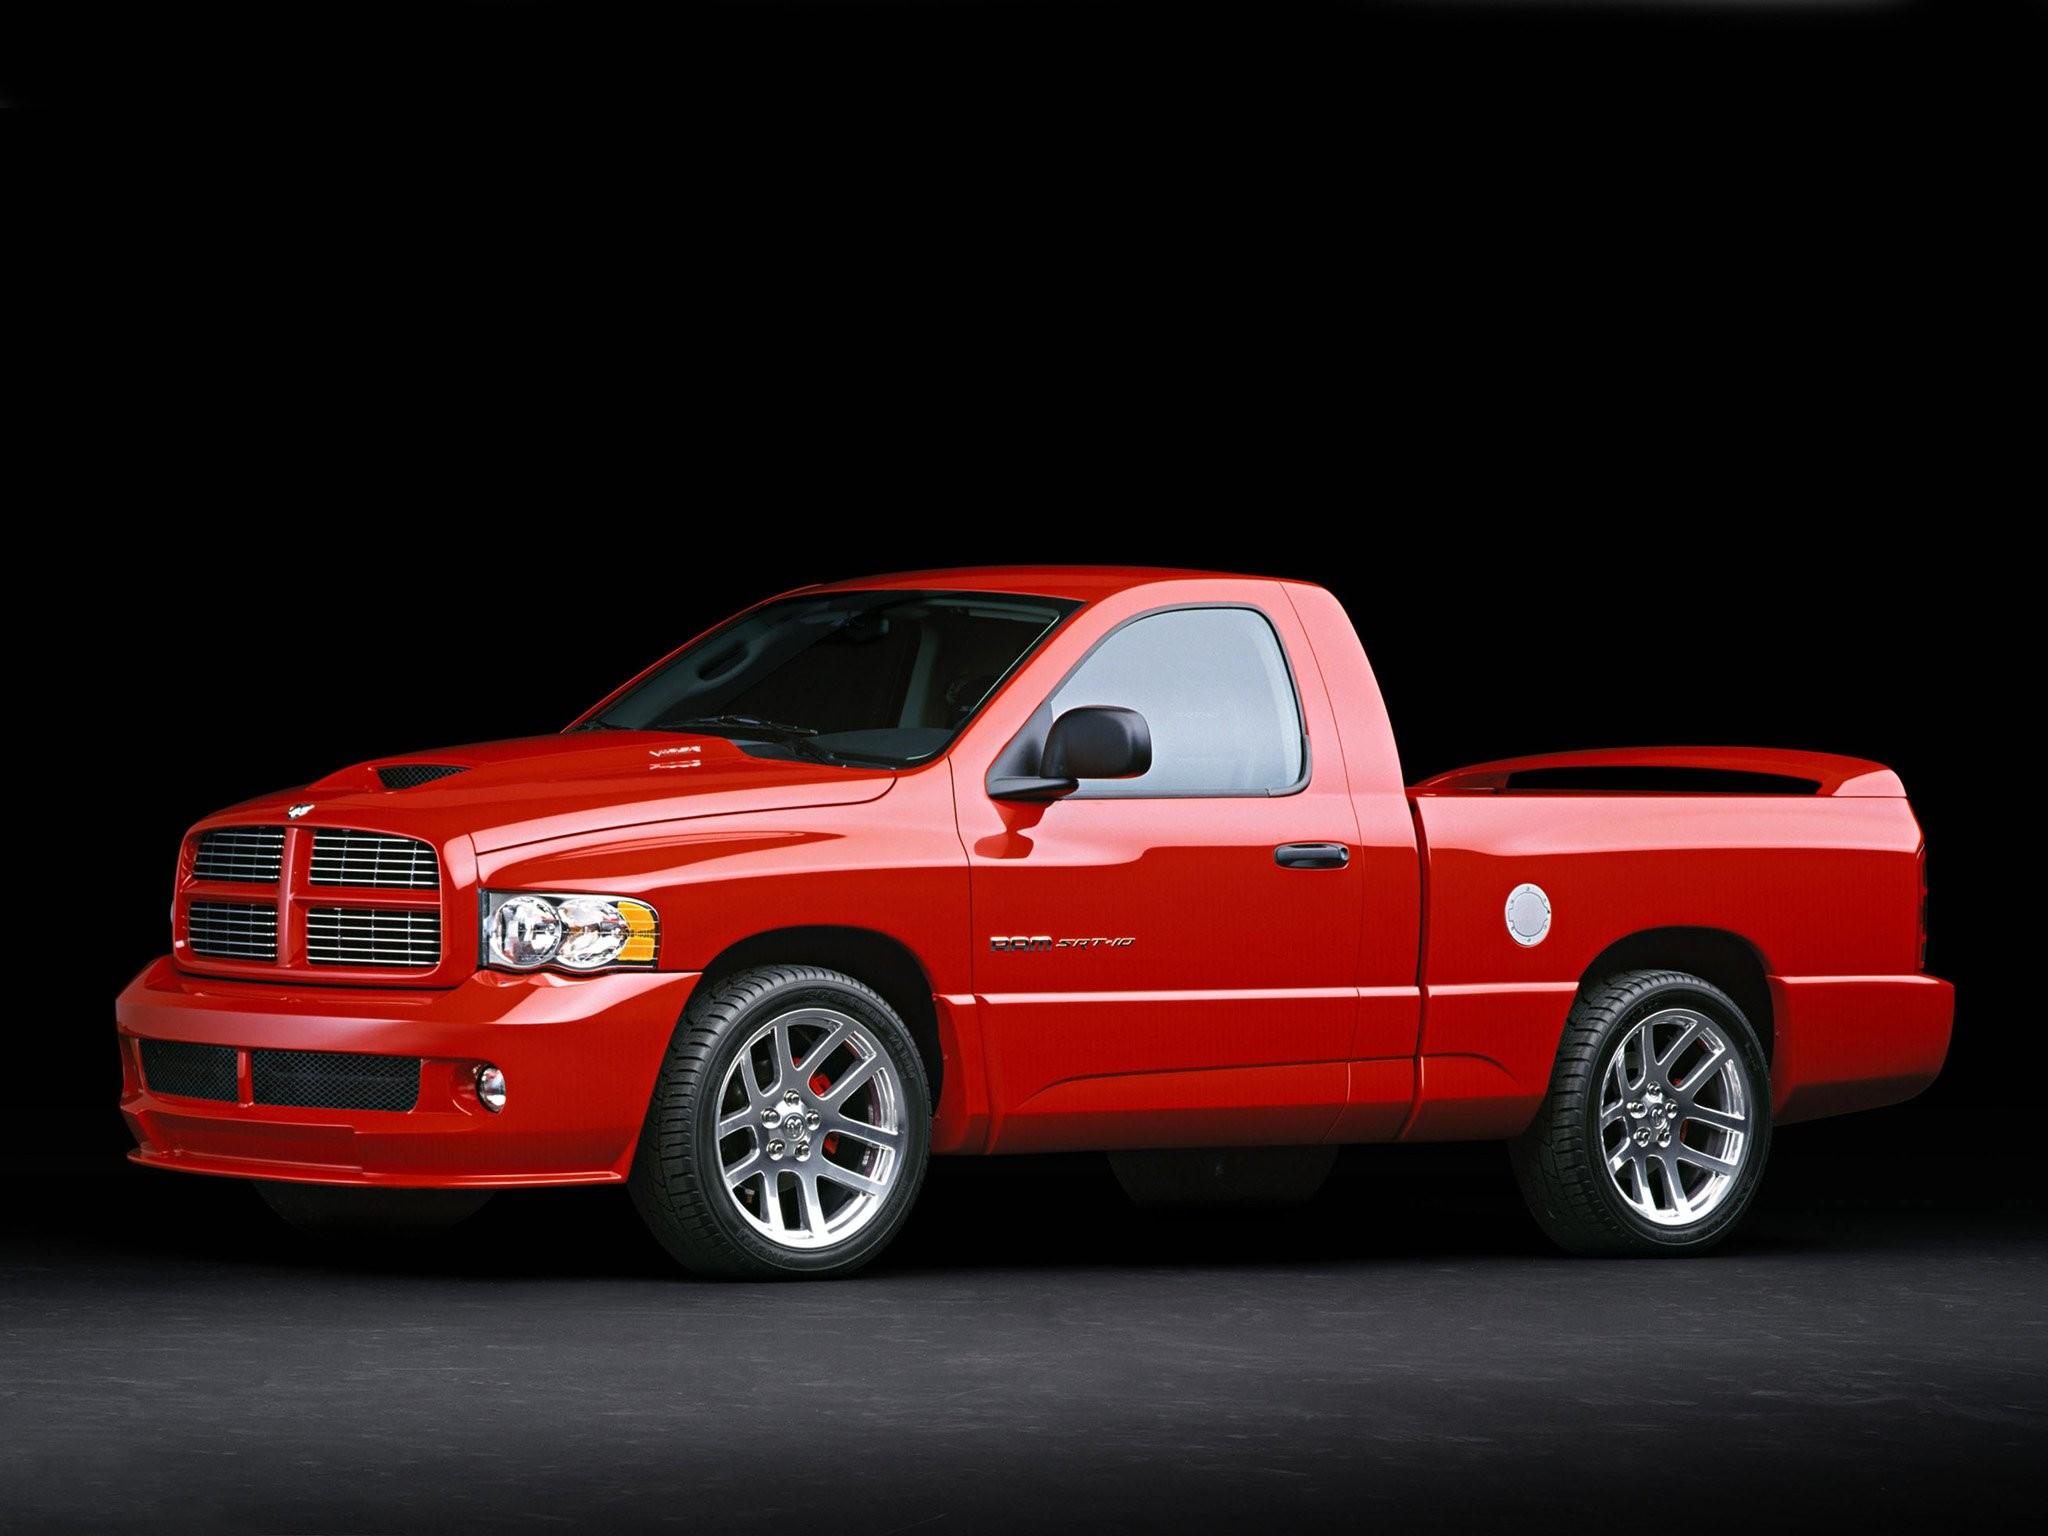 2004 Dodge Ram SRT-10 pickup muscle srt wallpaper | | 504283 |  WallpaperUP